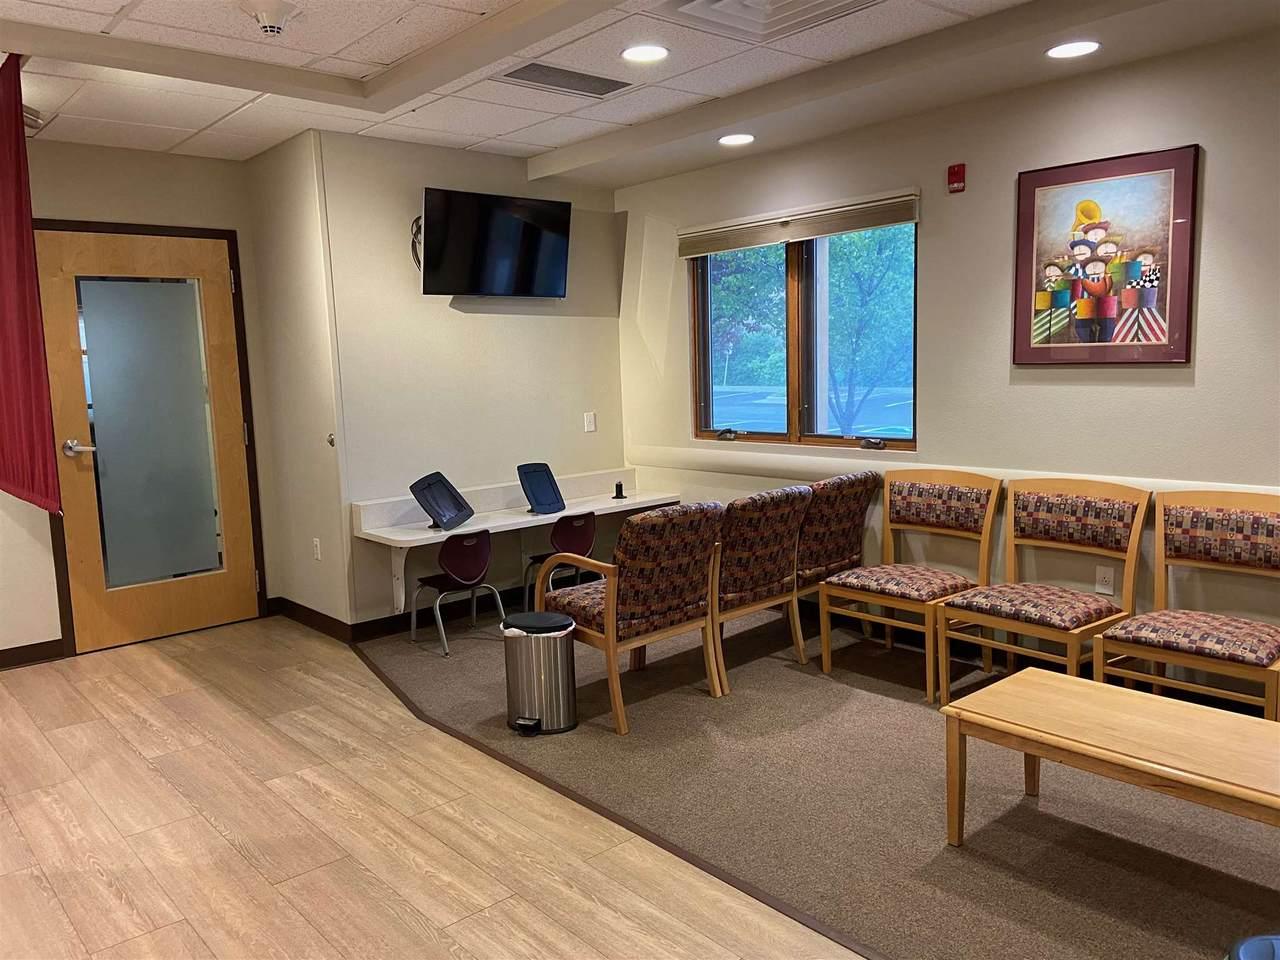 1692 Hospital Drive - Photo 1